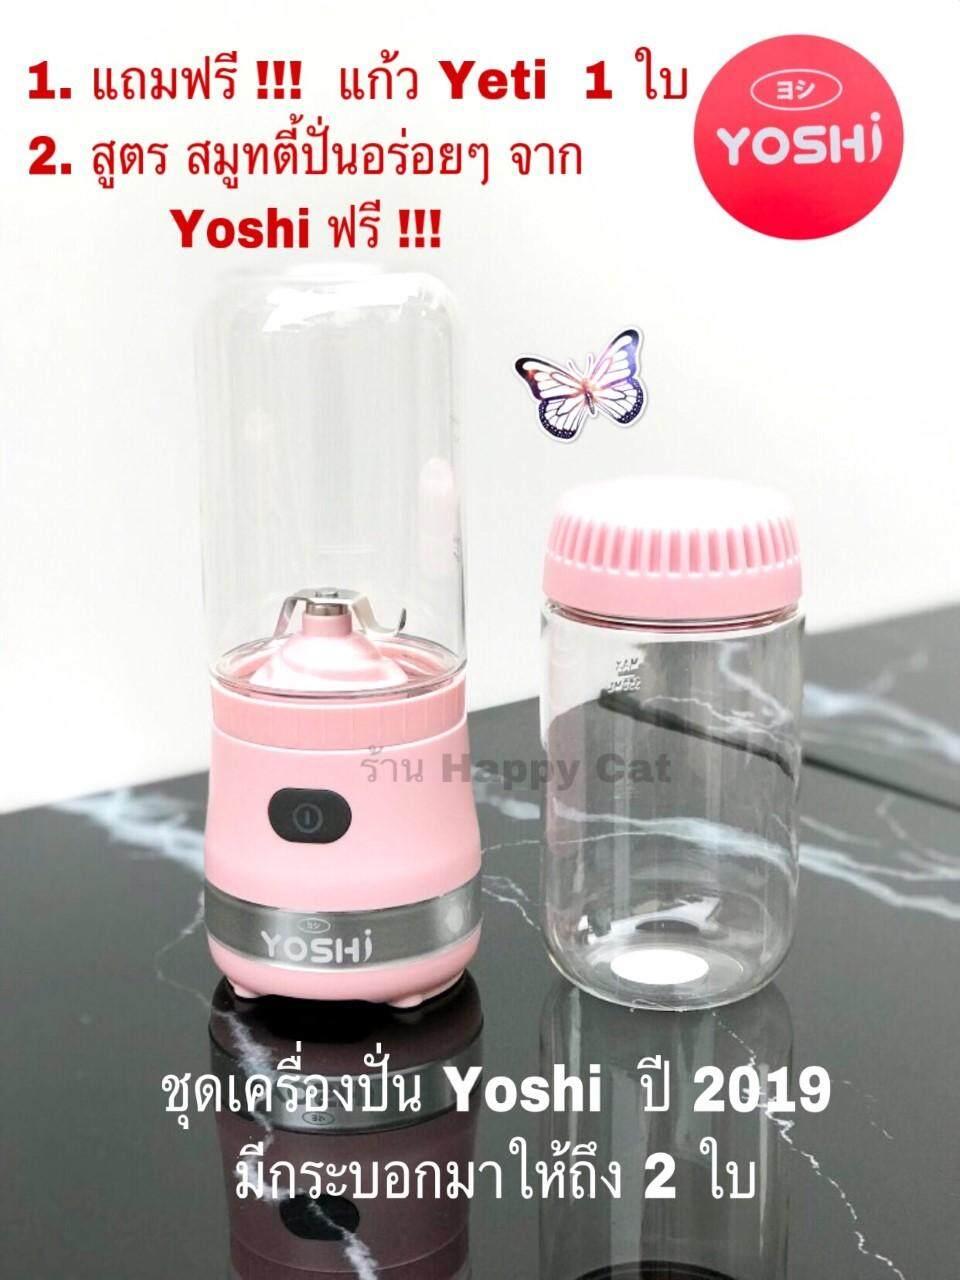 Yoshi  แก้วปั่นพกพา Vitamer  แบบ ไร้สาย แก้วปั่นน้ำผลไม้   แก้วปั่นไร้สาย  แก้วปั่นผลไม้ พกพา เครื่องปั่น สมูทตี้  สามารถใช้เป็นของ ขวัญวันเกิด ได้ด้วยนะค่ะ (สินค้าพร้อมส่ง & ส่งไว 100%) ขนาด 450 ML มีรับประกันเปลี่ยนเครื่องภายใน 30 วัน